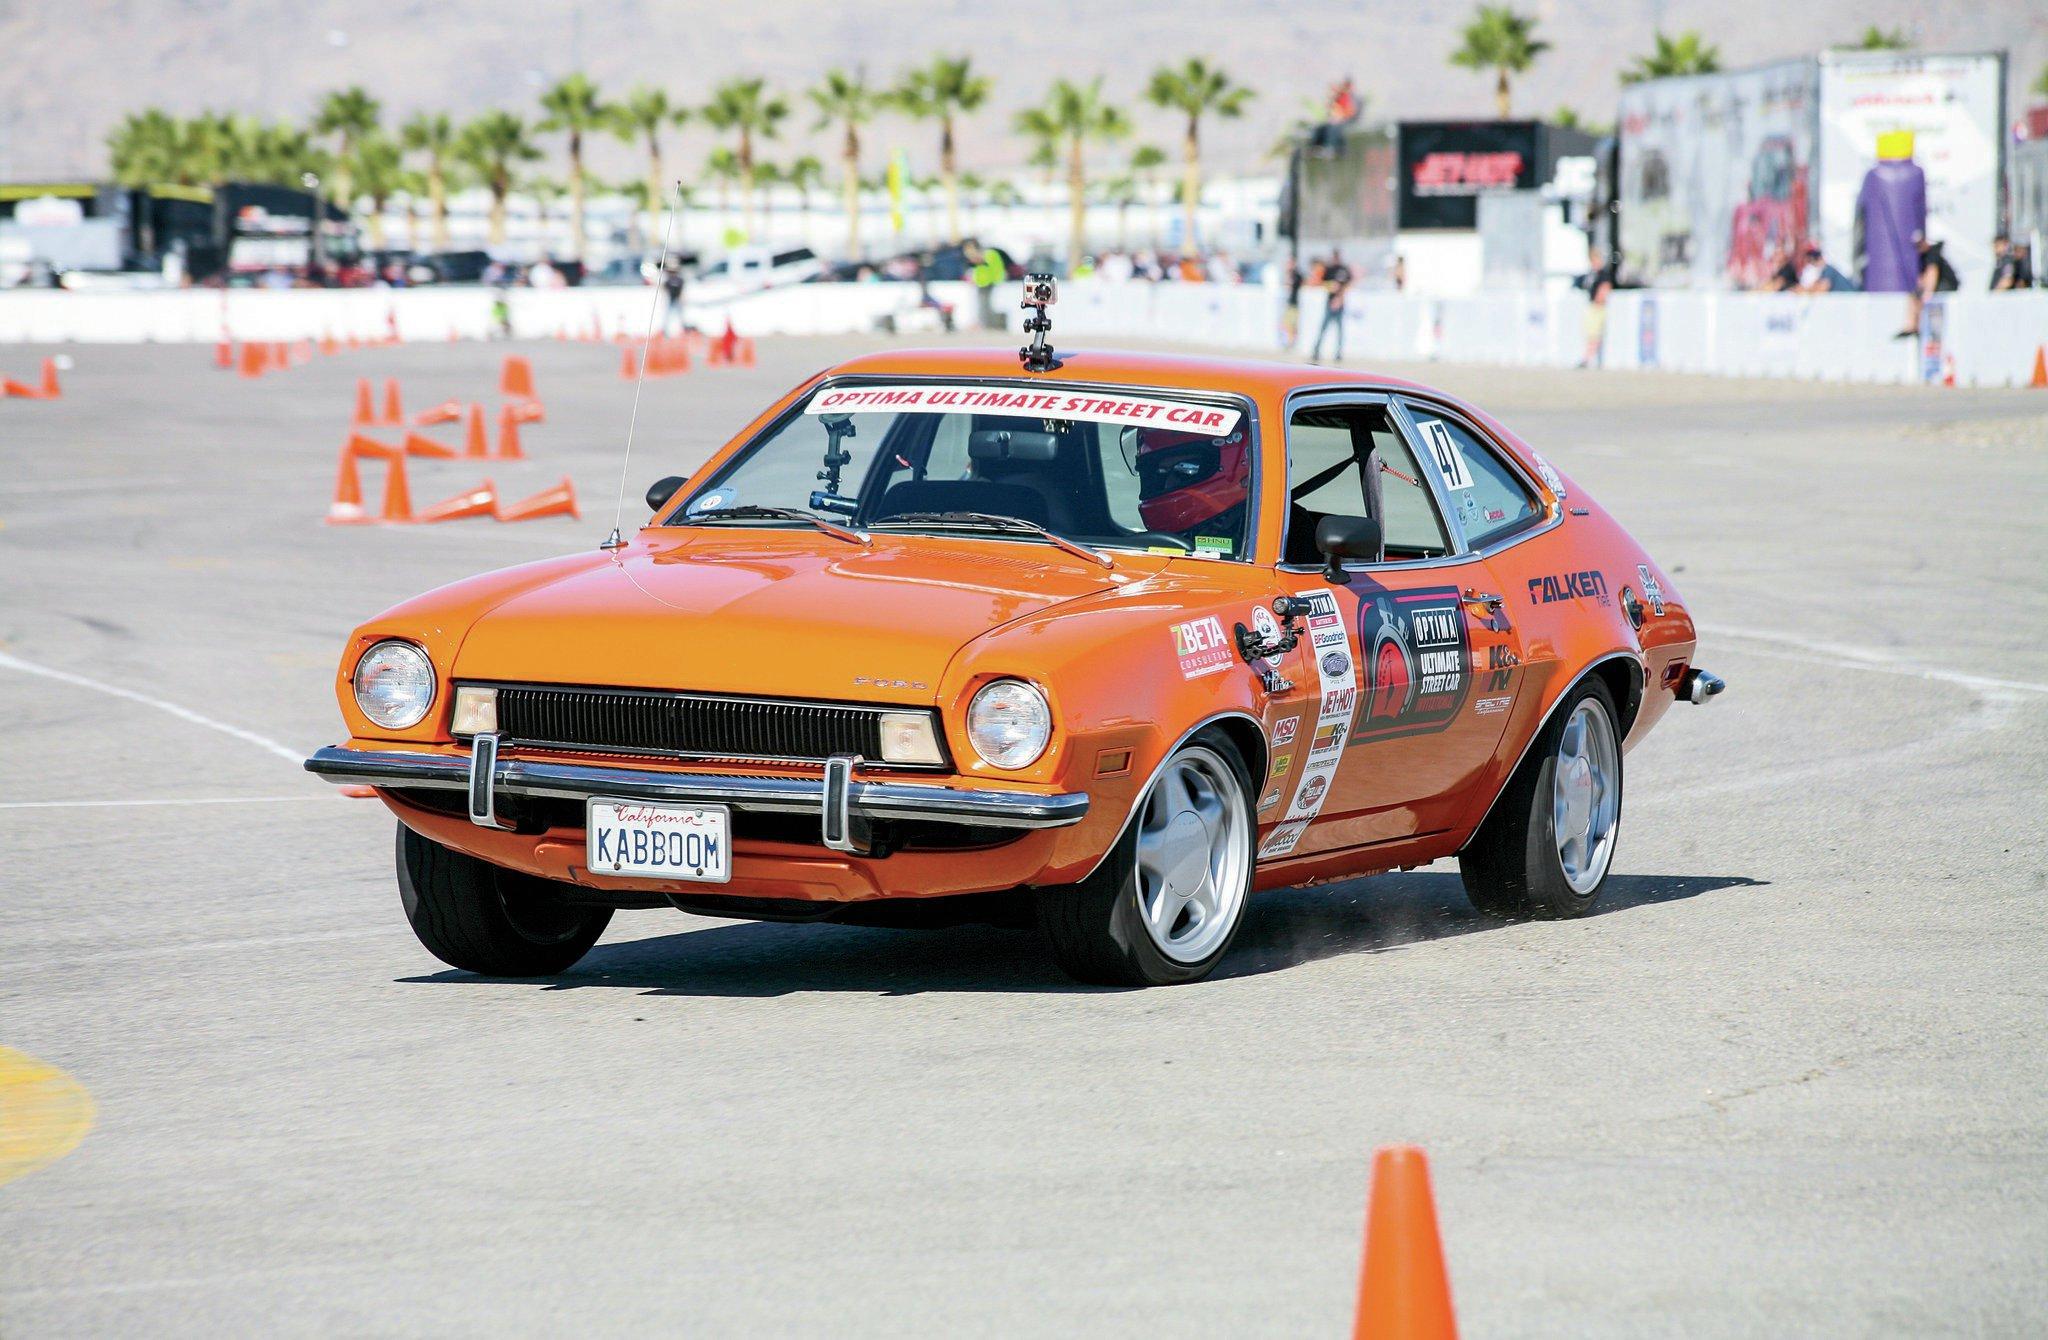 2014 Optima Ultimate Street Car Invitational Ousci 1974 Pinto